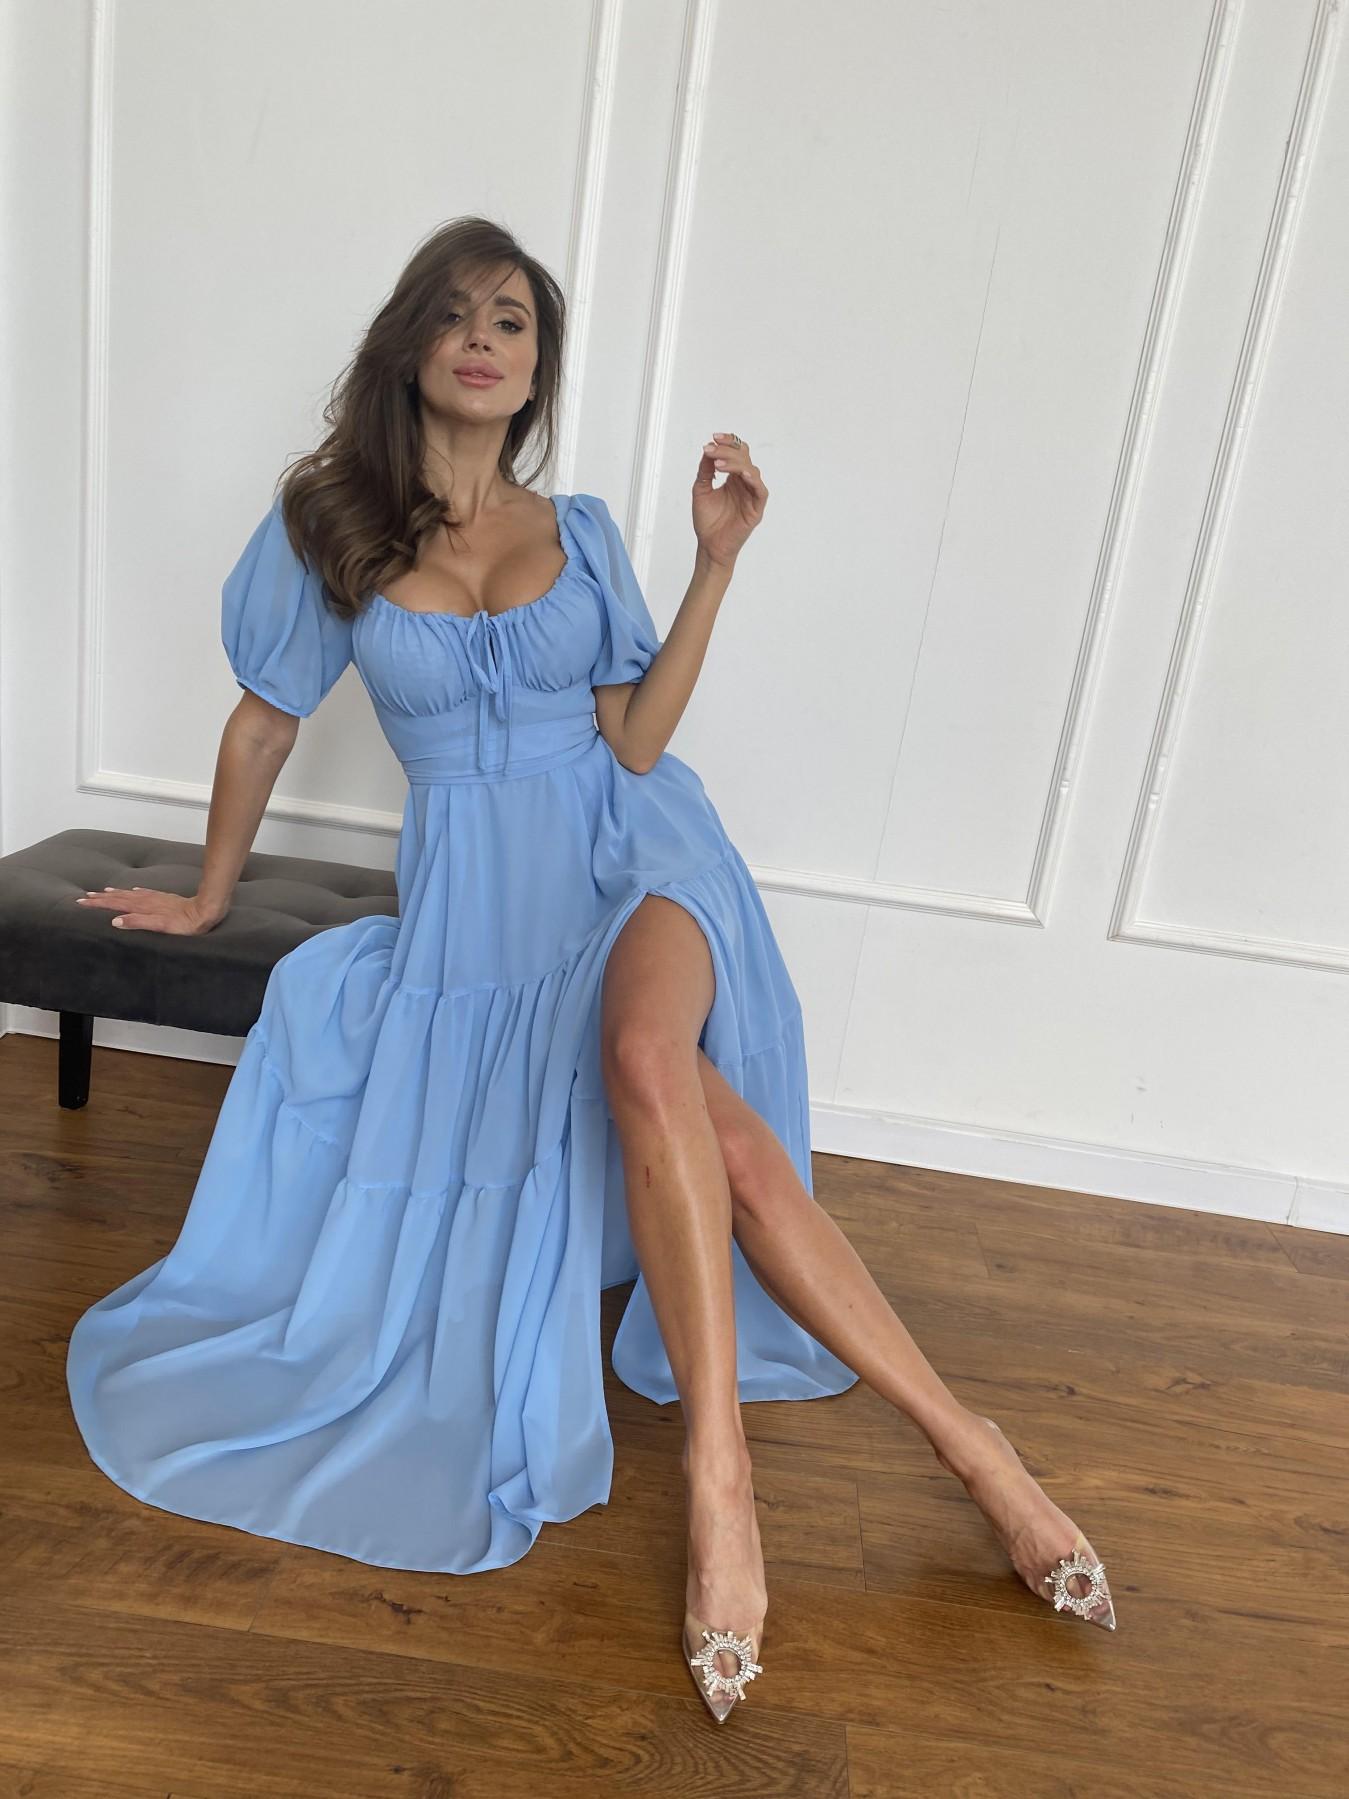 Сейшелы платье креп шифон 11519 АРТ. 48250 Цвет: Голубой 029 - фото 7, интернет магазин tm-modus.ru